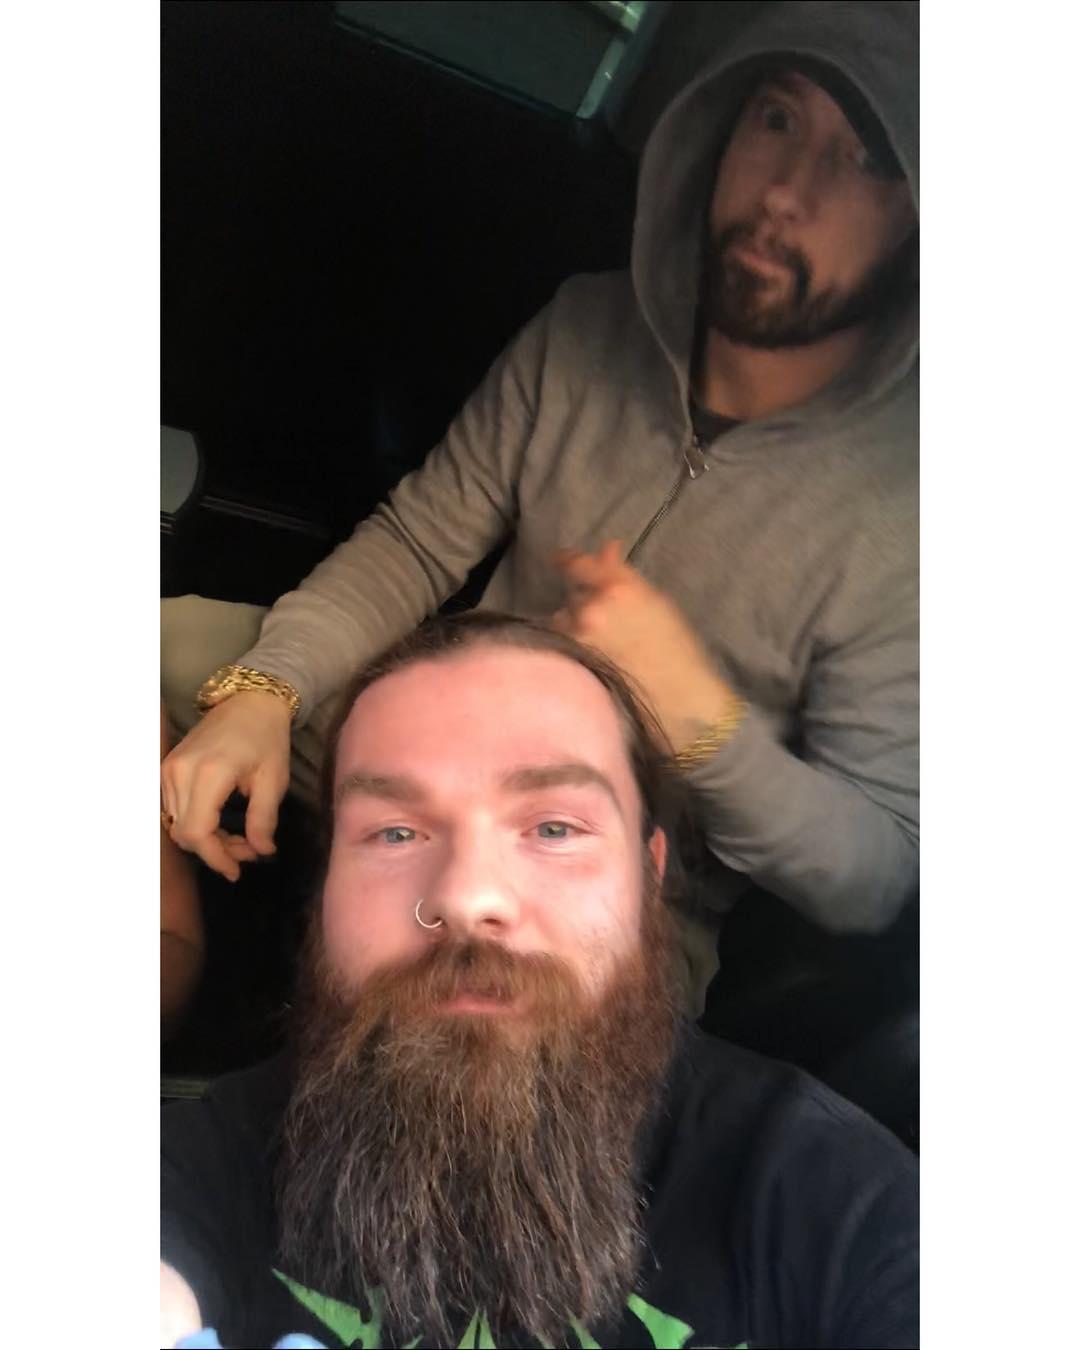 Eminem прилетел в город Веллингтон (Новая Зеландия) поздно вечером в четверг 28 февраля на своём частном самолёте из Перта (Австралия)